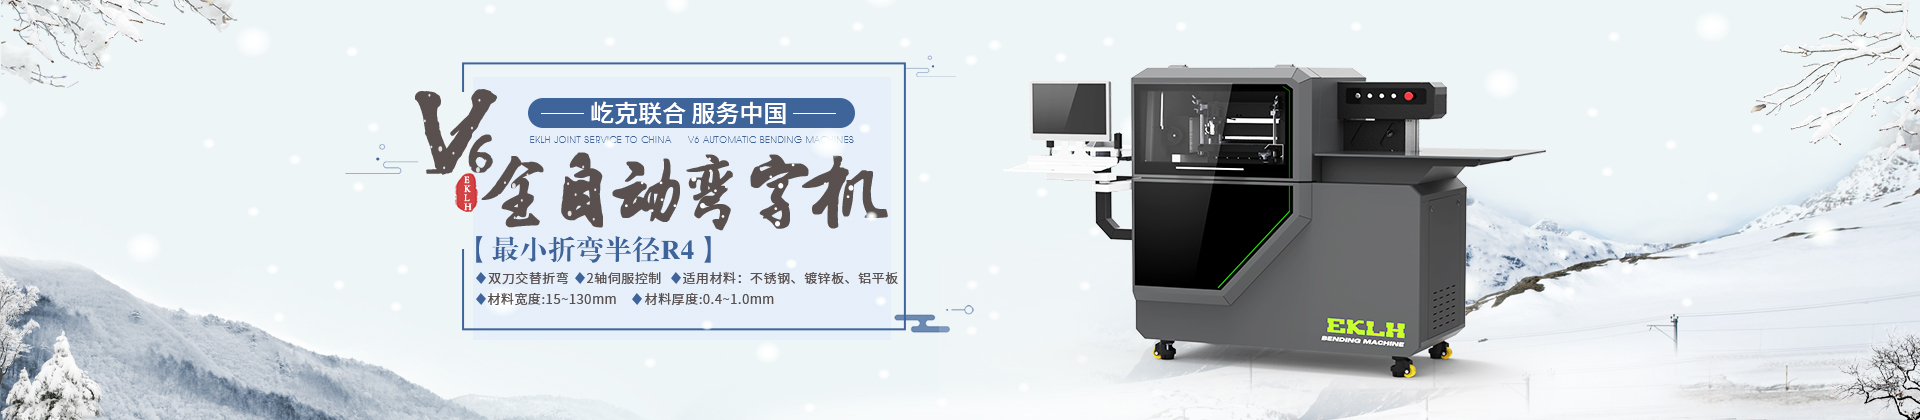 EKLH-V6全自動彎字機